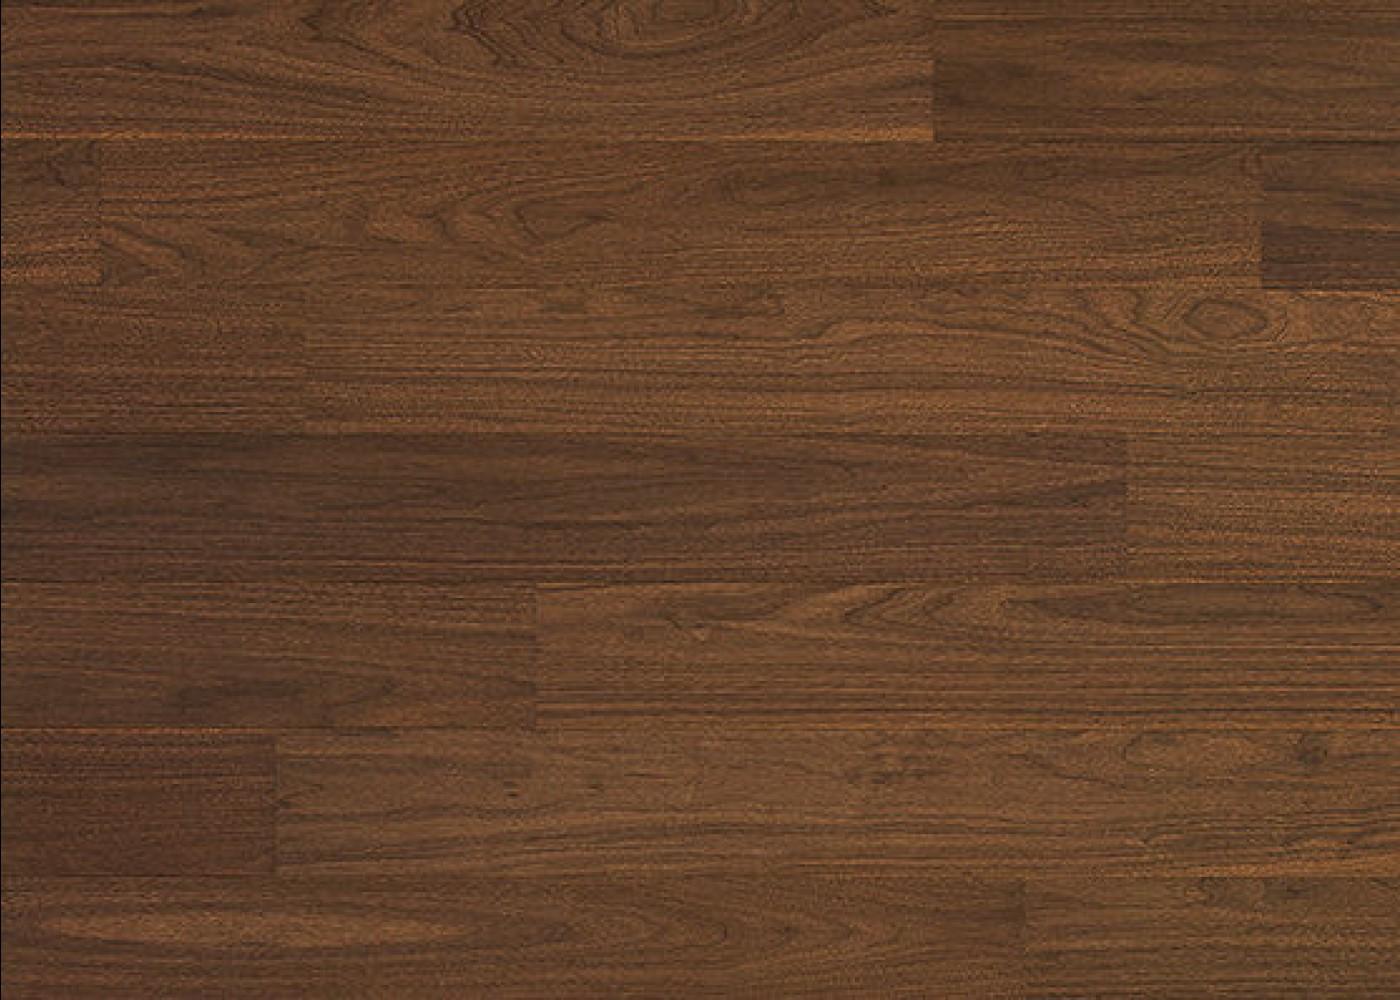 Sol plaqué bois Noyer Fumée brossé vernis extra-mat - Summit - Select 10x233x2050